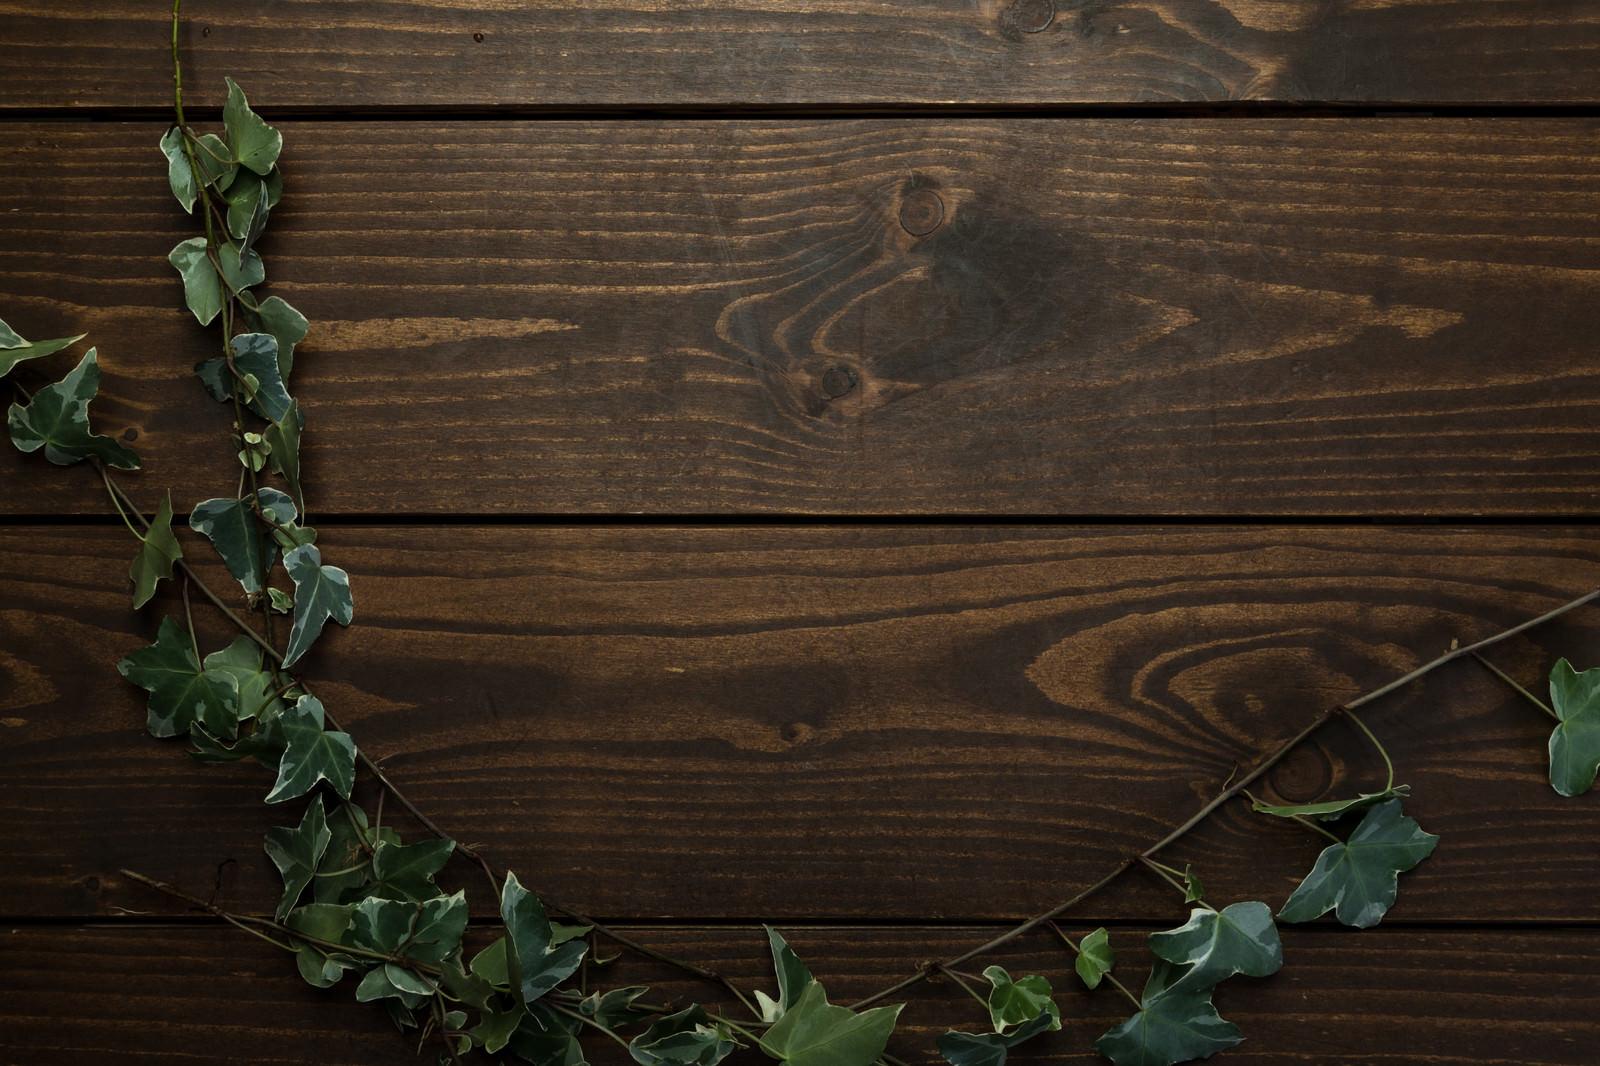 「木目テーブルに伸びる蔦」の写真